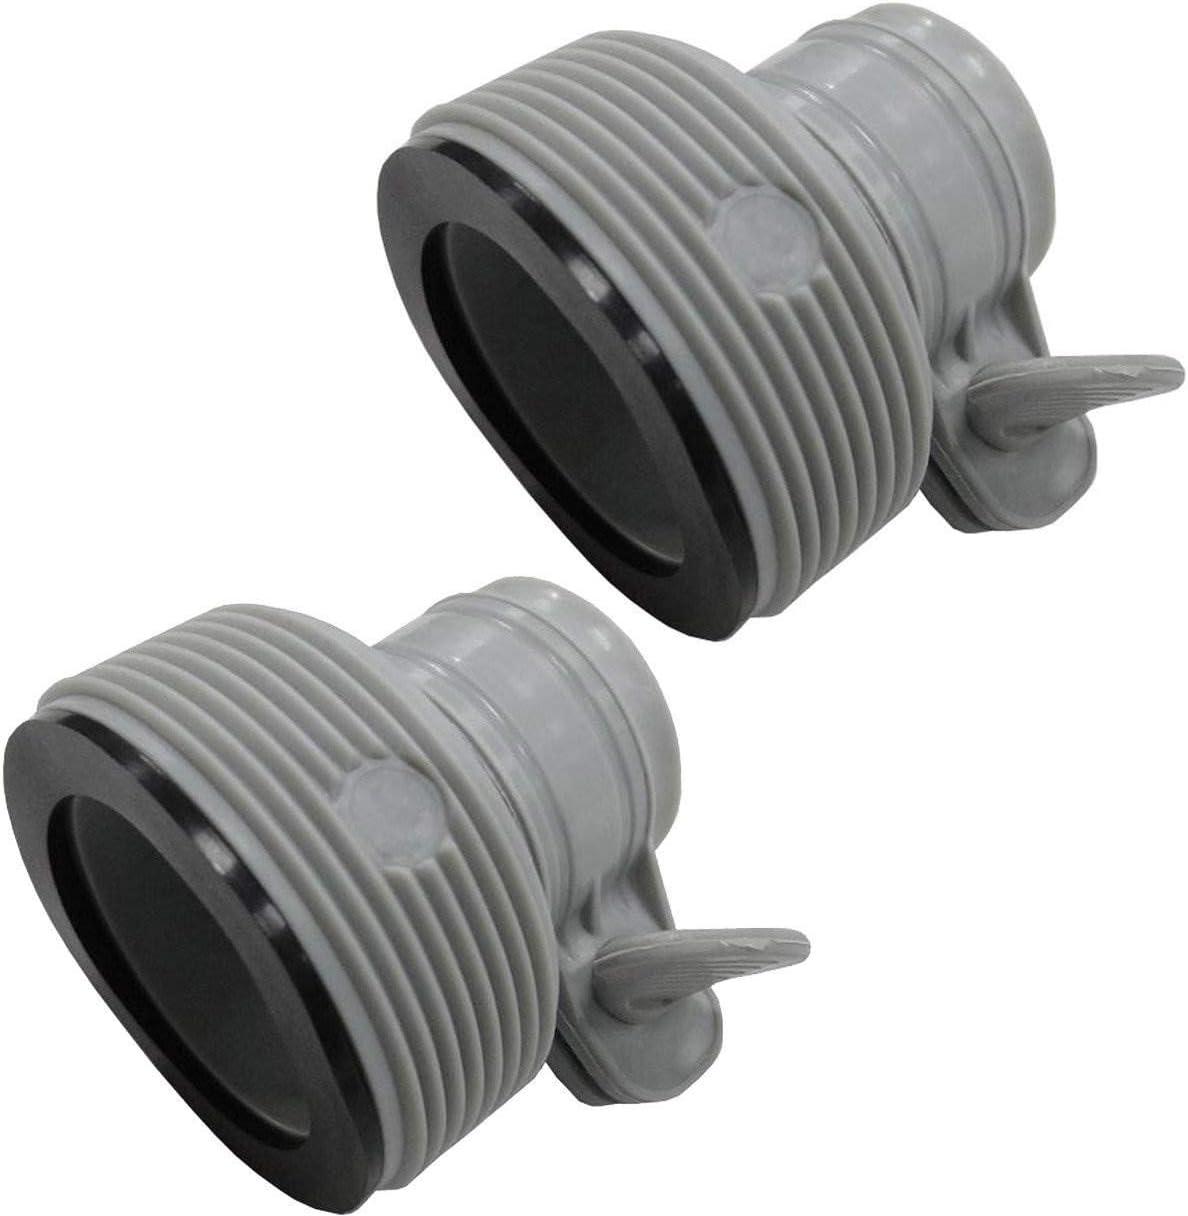 Filtro de Repuesto Cartucho Filtro de Agua Alberca Intex Tipo B 6 Pzas Dacron